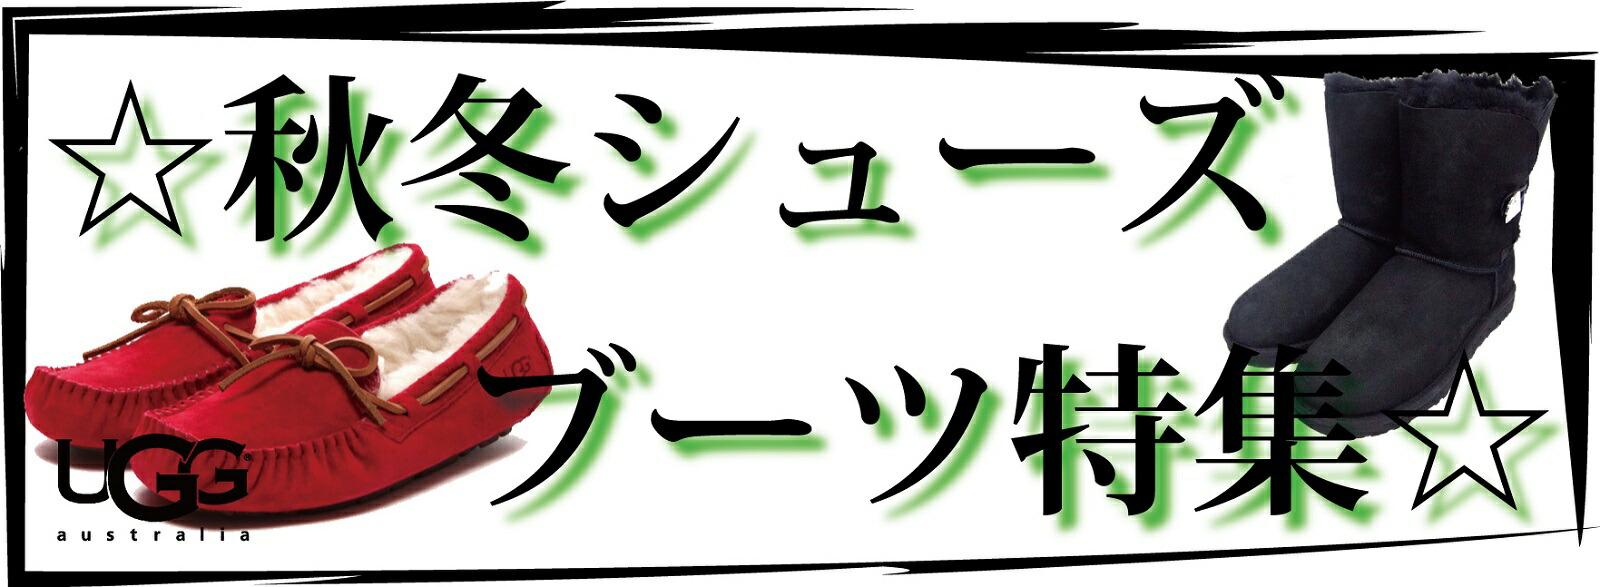 秋冬シューズ・ブーツ特集